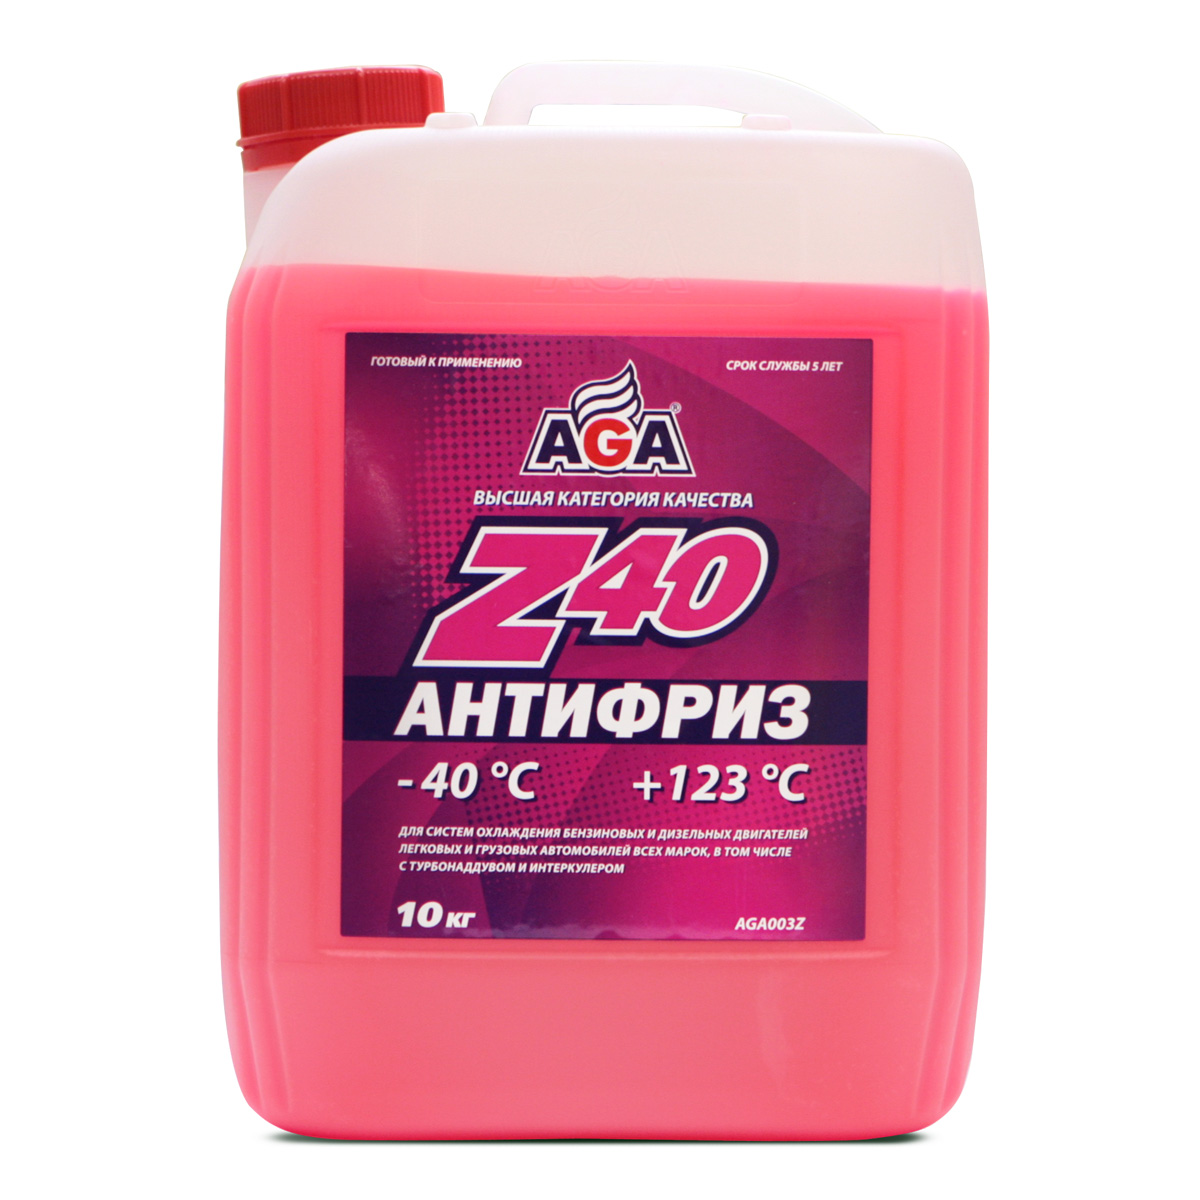 ANTIFREZE AGA-Z40 PREMIX